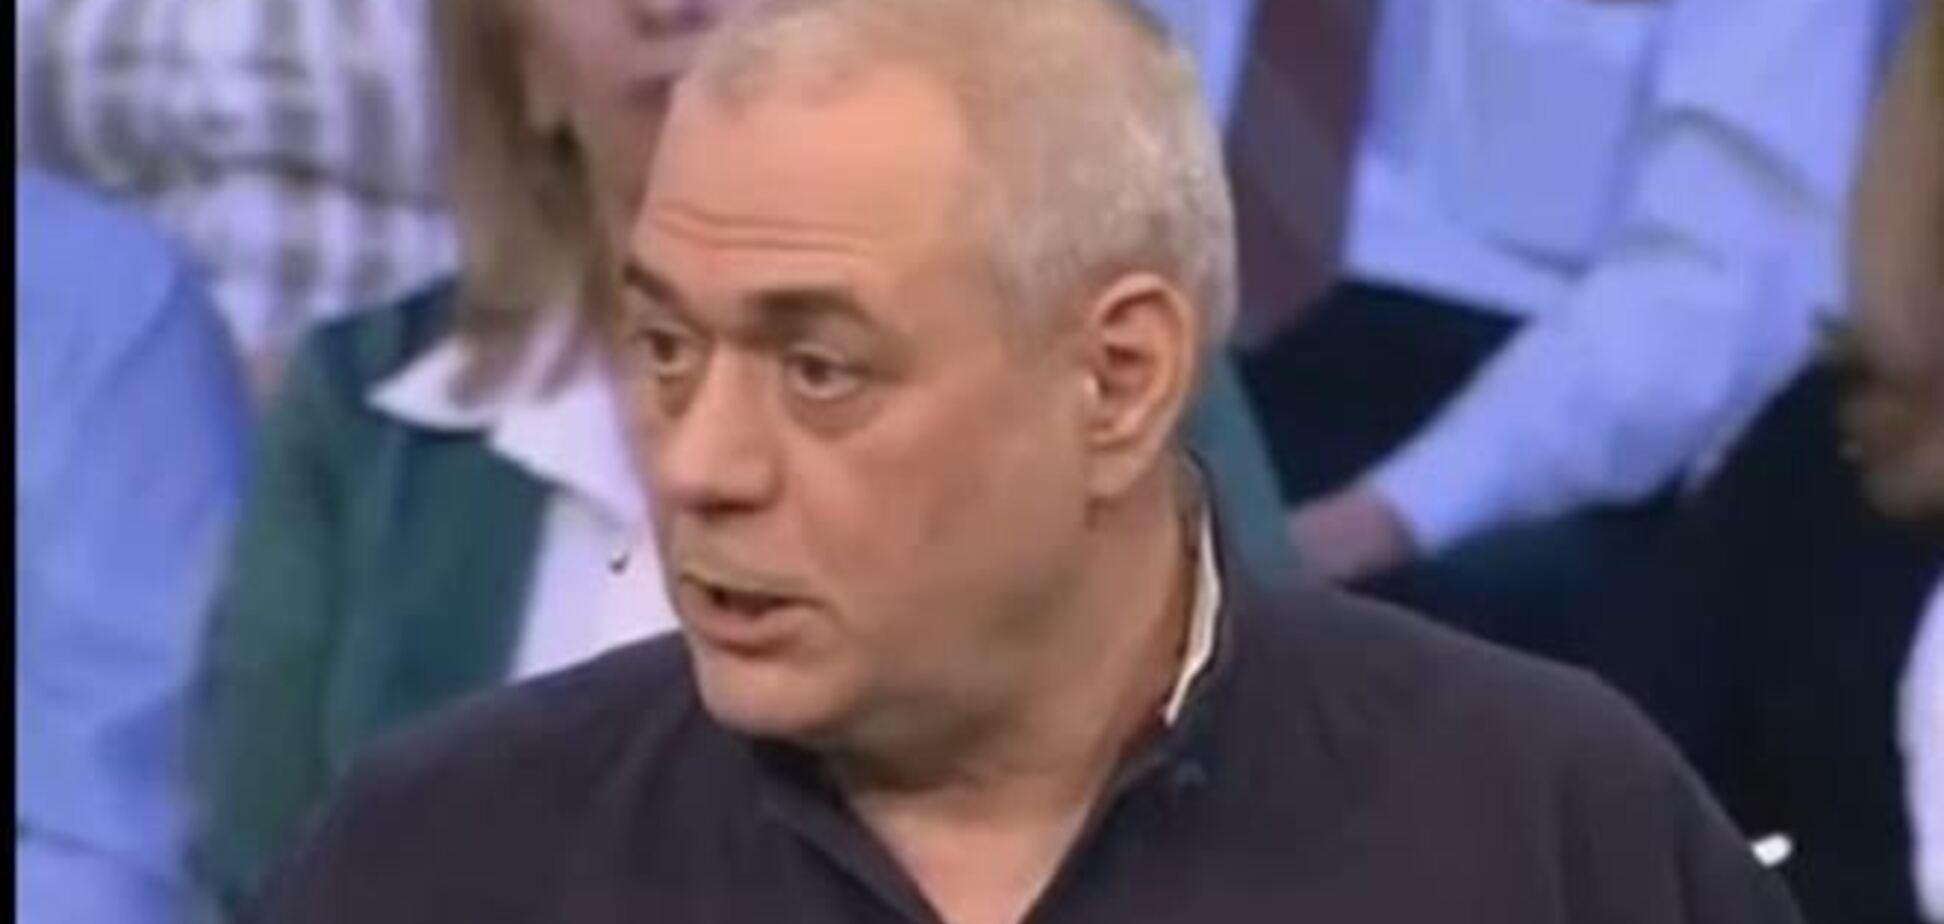 Доренко считает, что спецслужбам РФ надо позволить убивать лидеров 'фашистов' в Украине